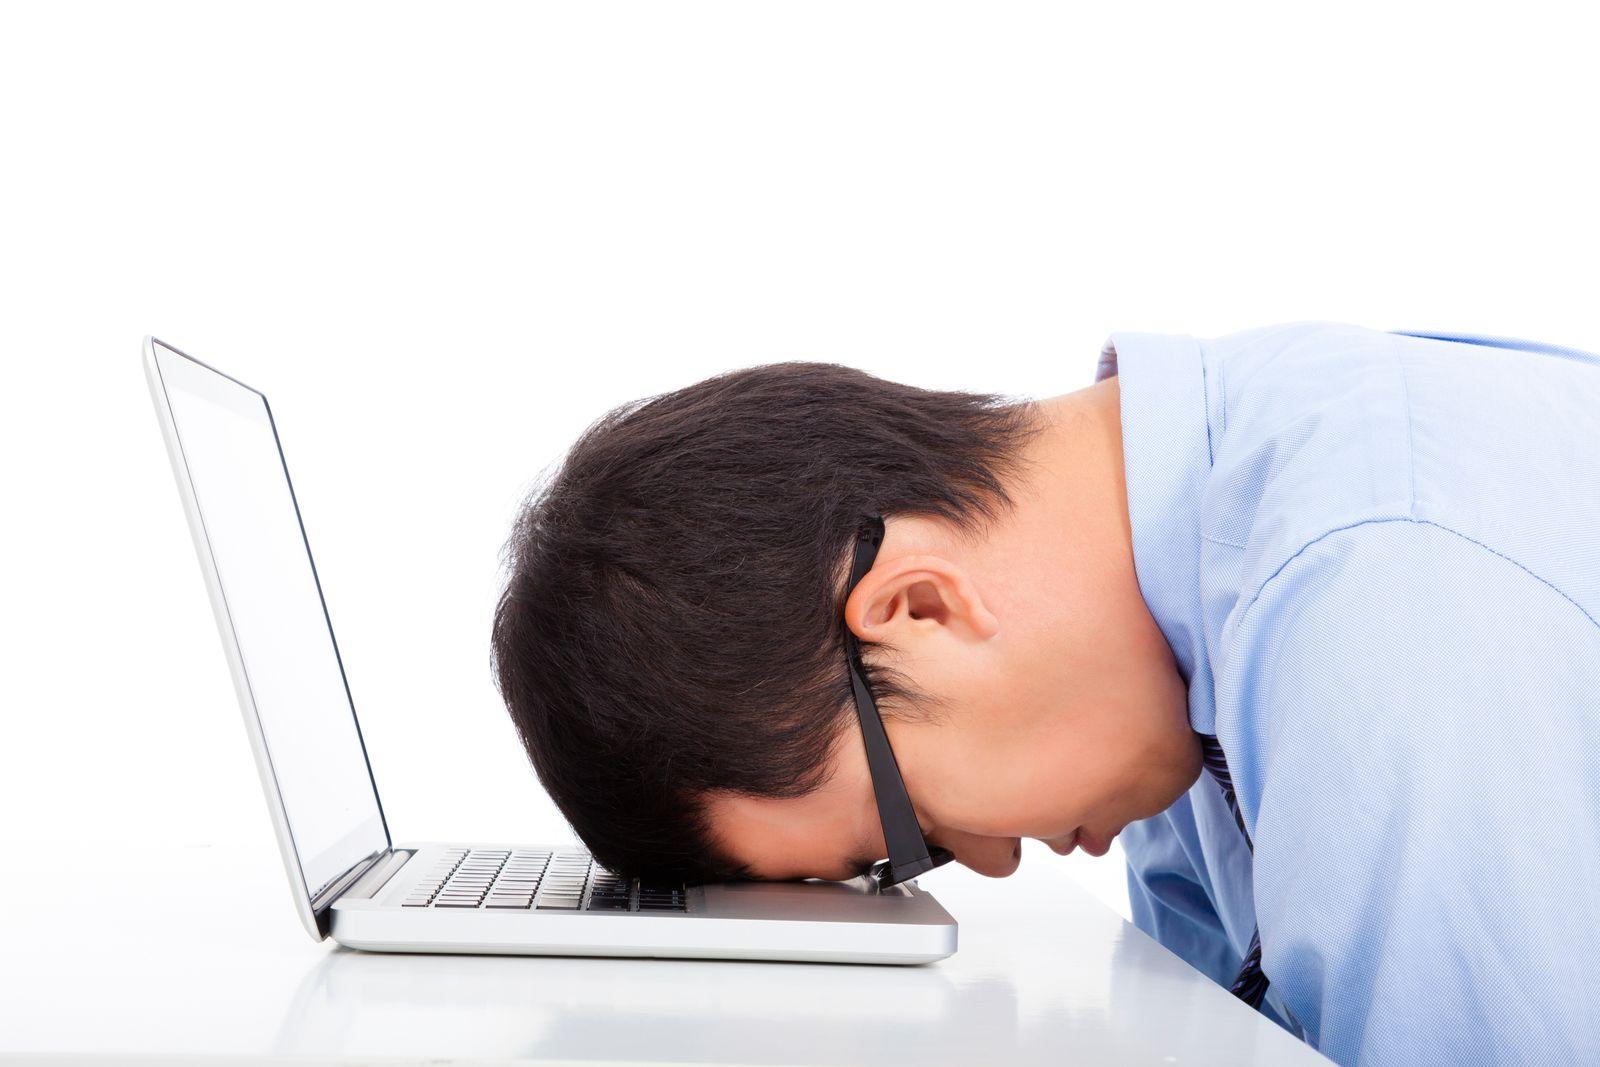 homme fatigué avec la tête sur son ordinateur portable